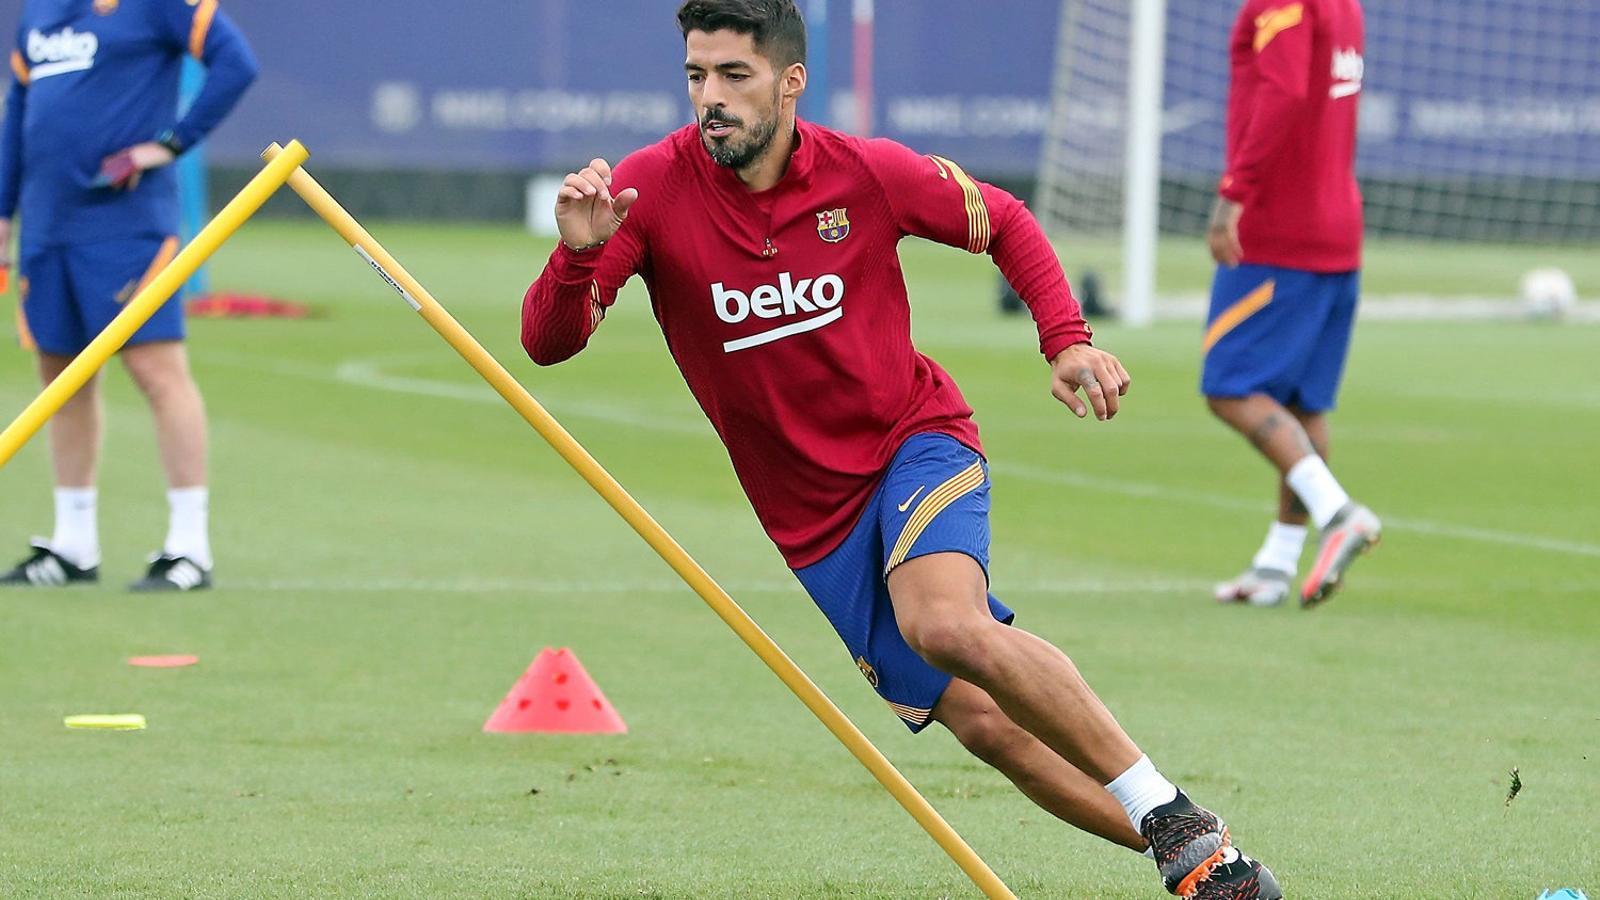 Suárez continua entrenant-se a les ordres de Koeman tot i saber que no compta per al tècnic holandès.